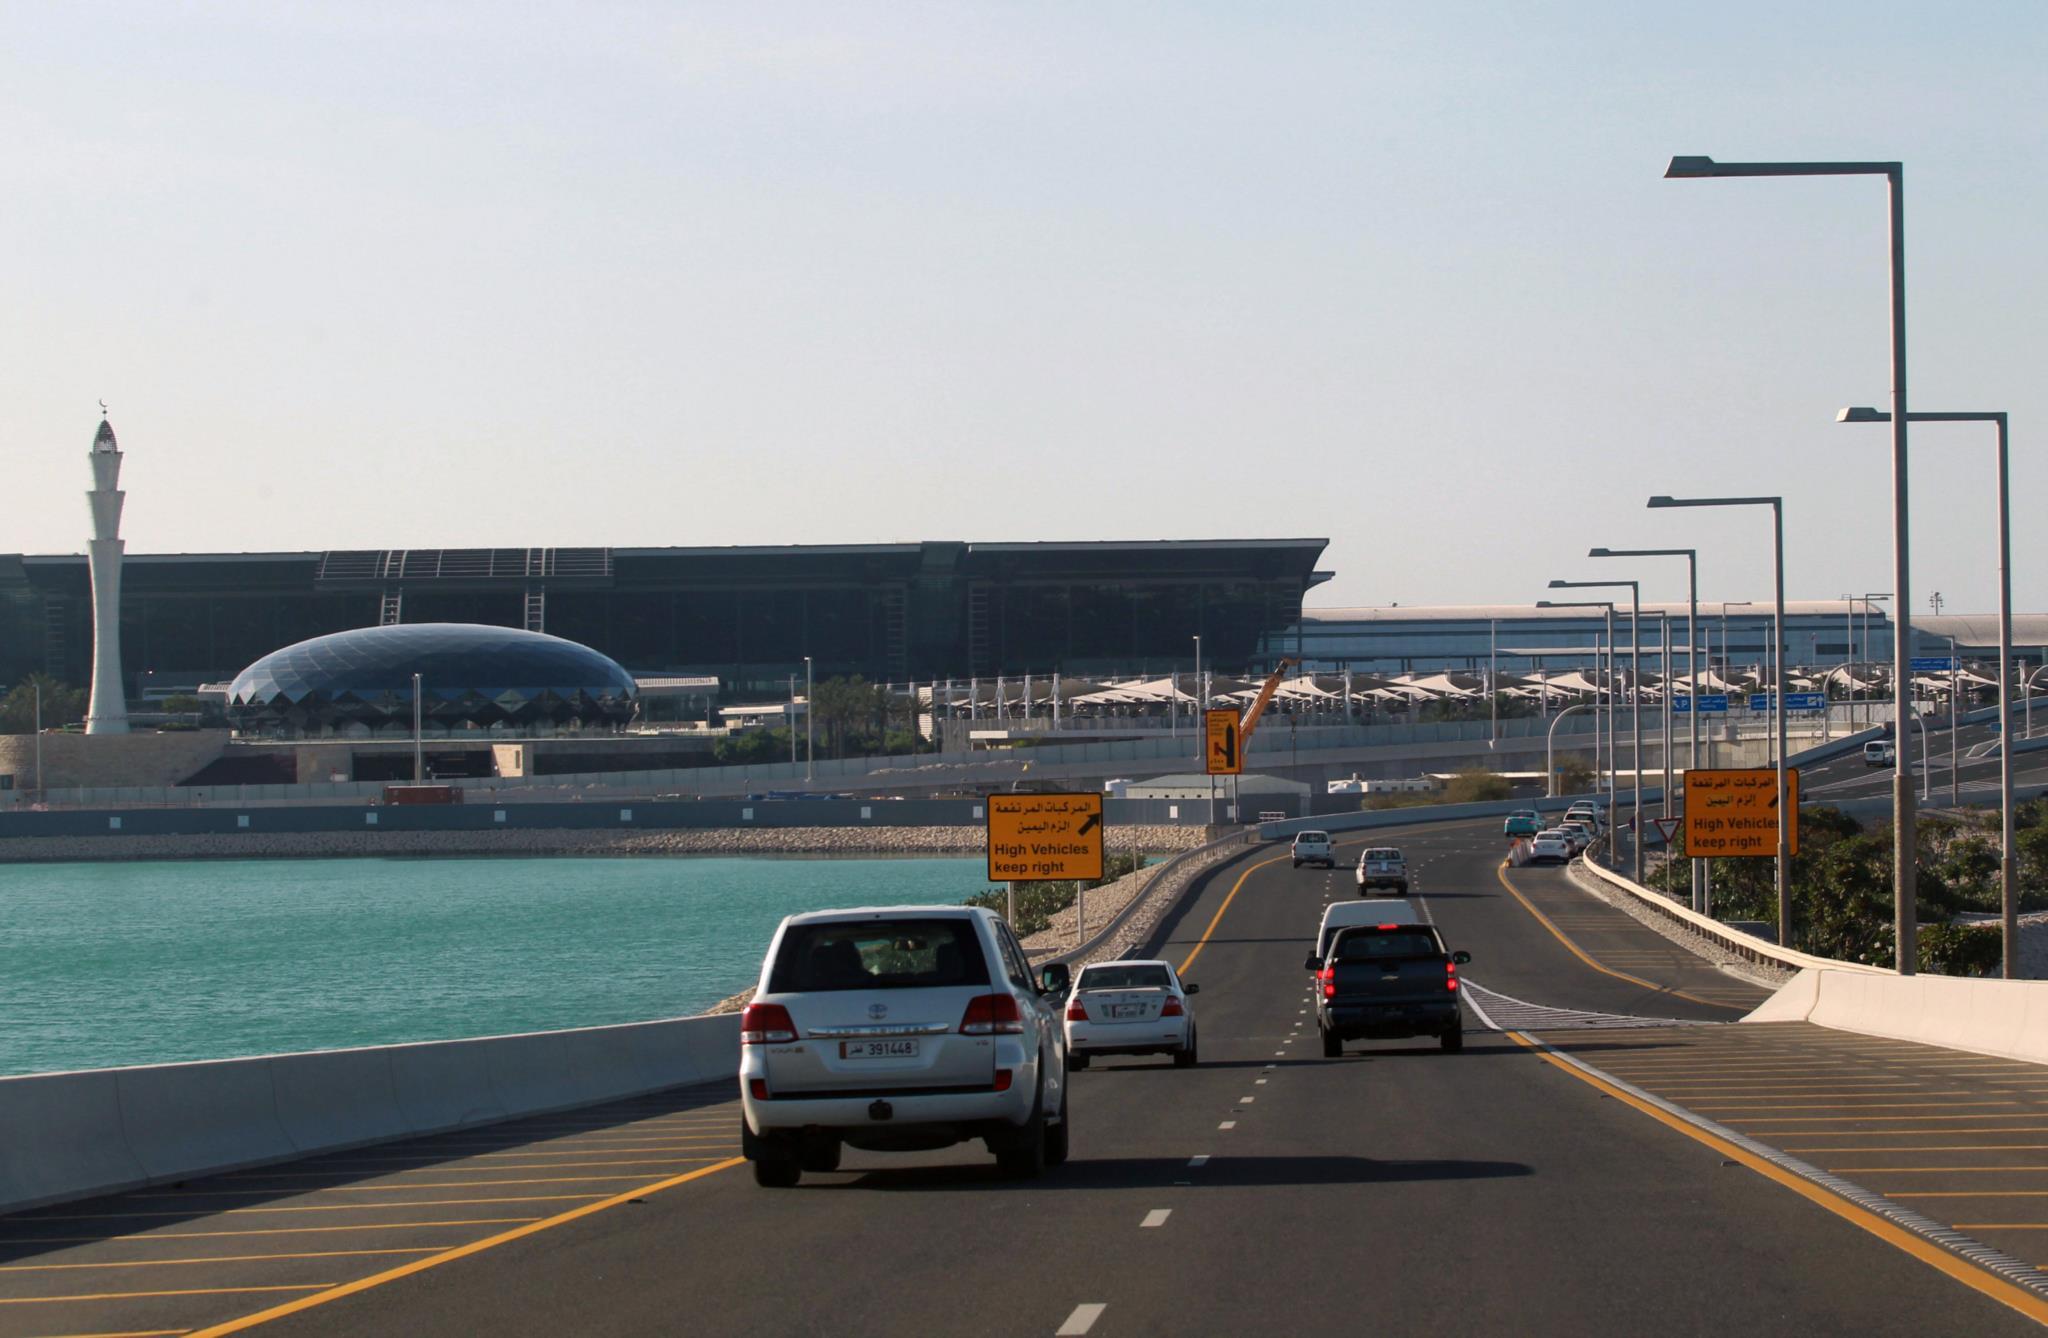 Cerco diplomático ao Qatar gera corrida aos supermercados. Governo apela à calma